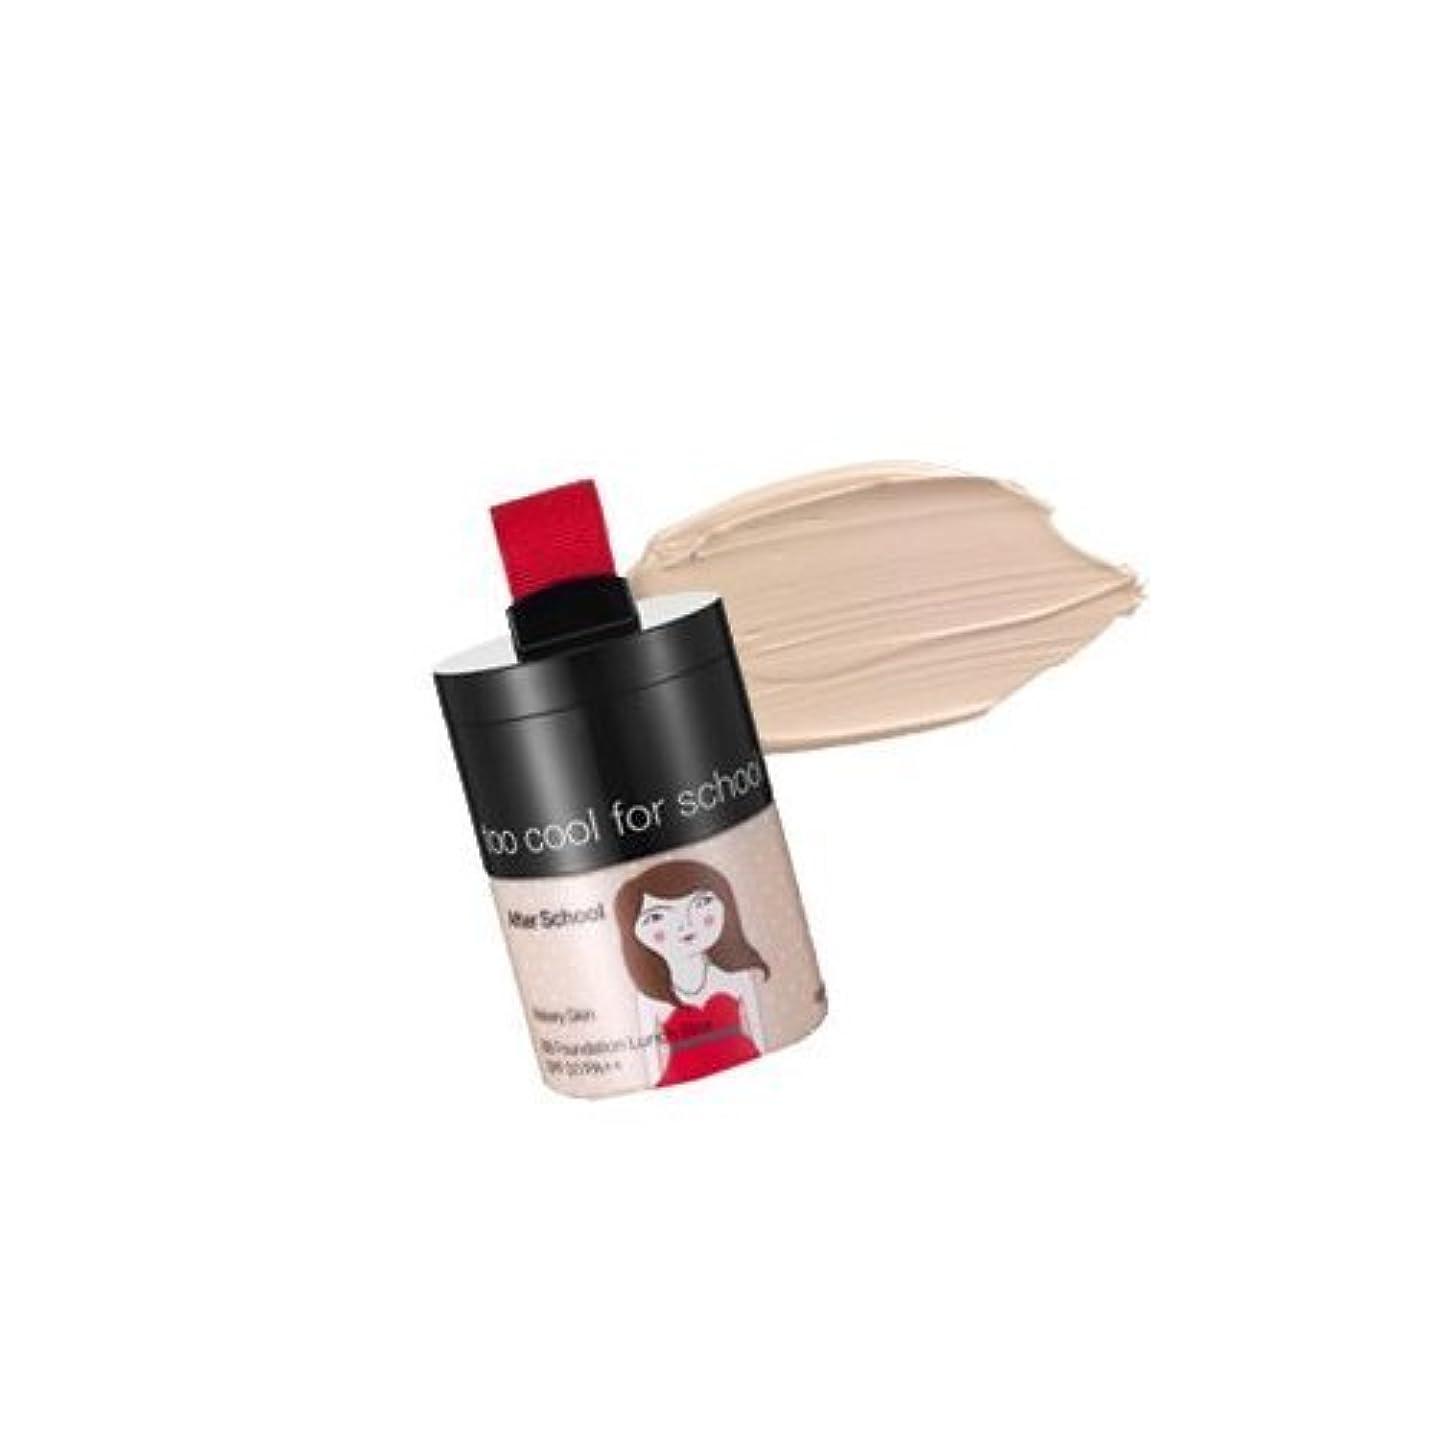 アンタゴニスト定義宙返りTOO COOL FOR SCHOOL After School BB Foundation Lunch Box 01 Matte Skin (並行輸入品)